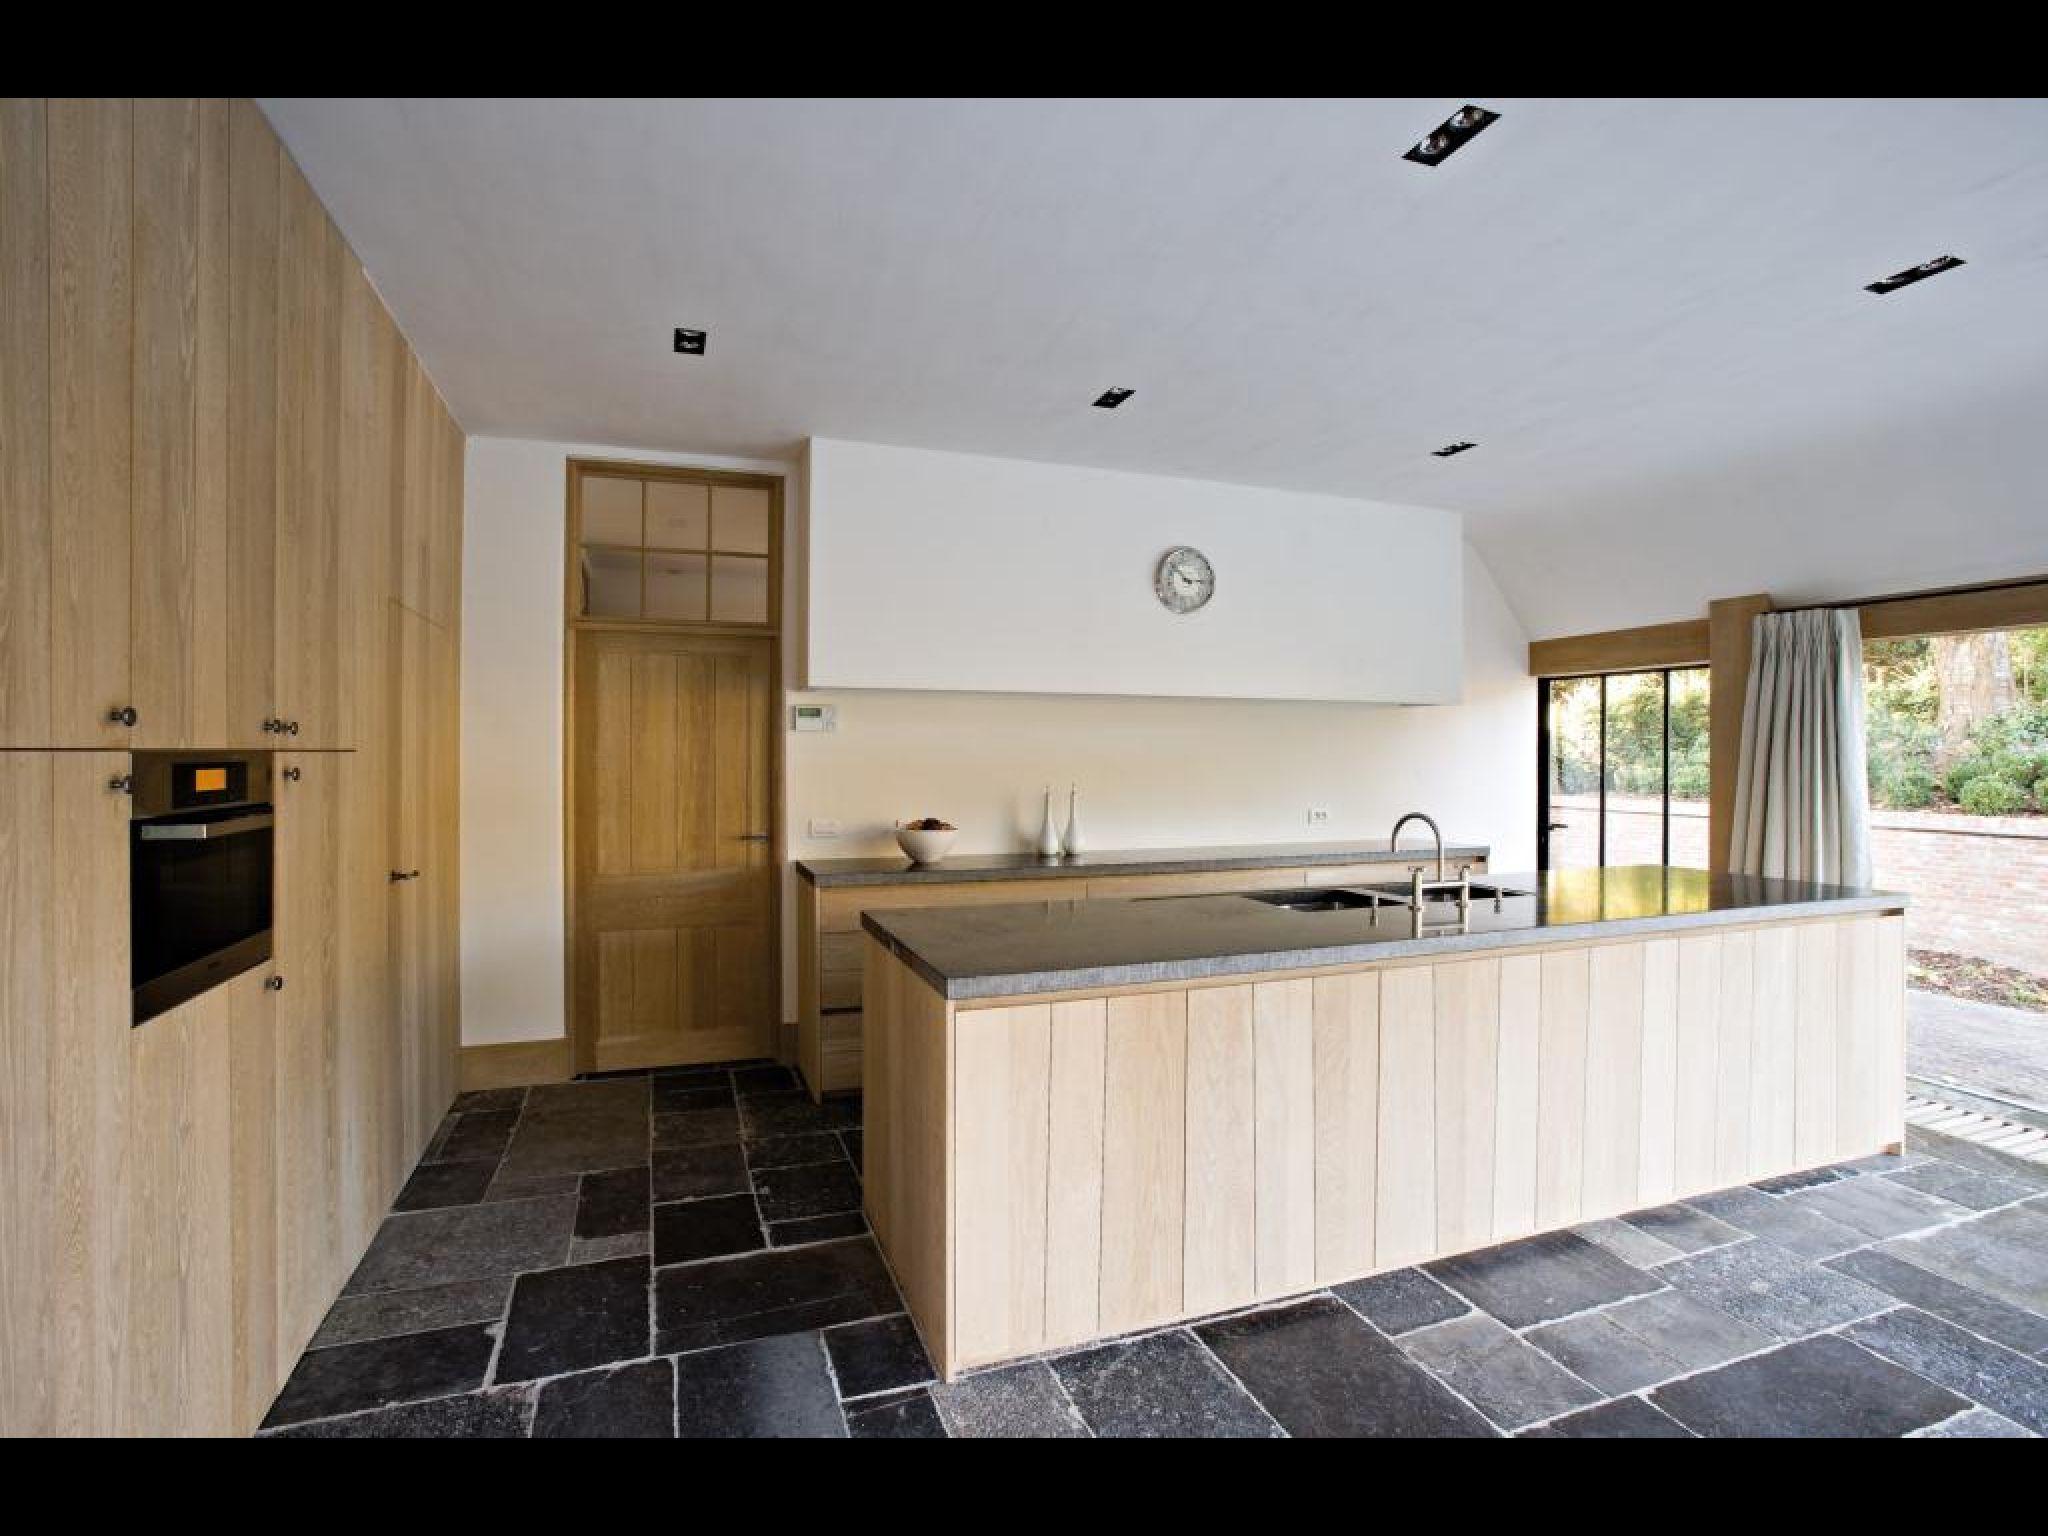 Landelijk Moderne Keukens : Landelijk moderne keuken met oude hardsteen vloertegels belgisch